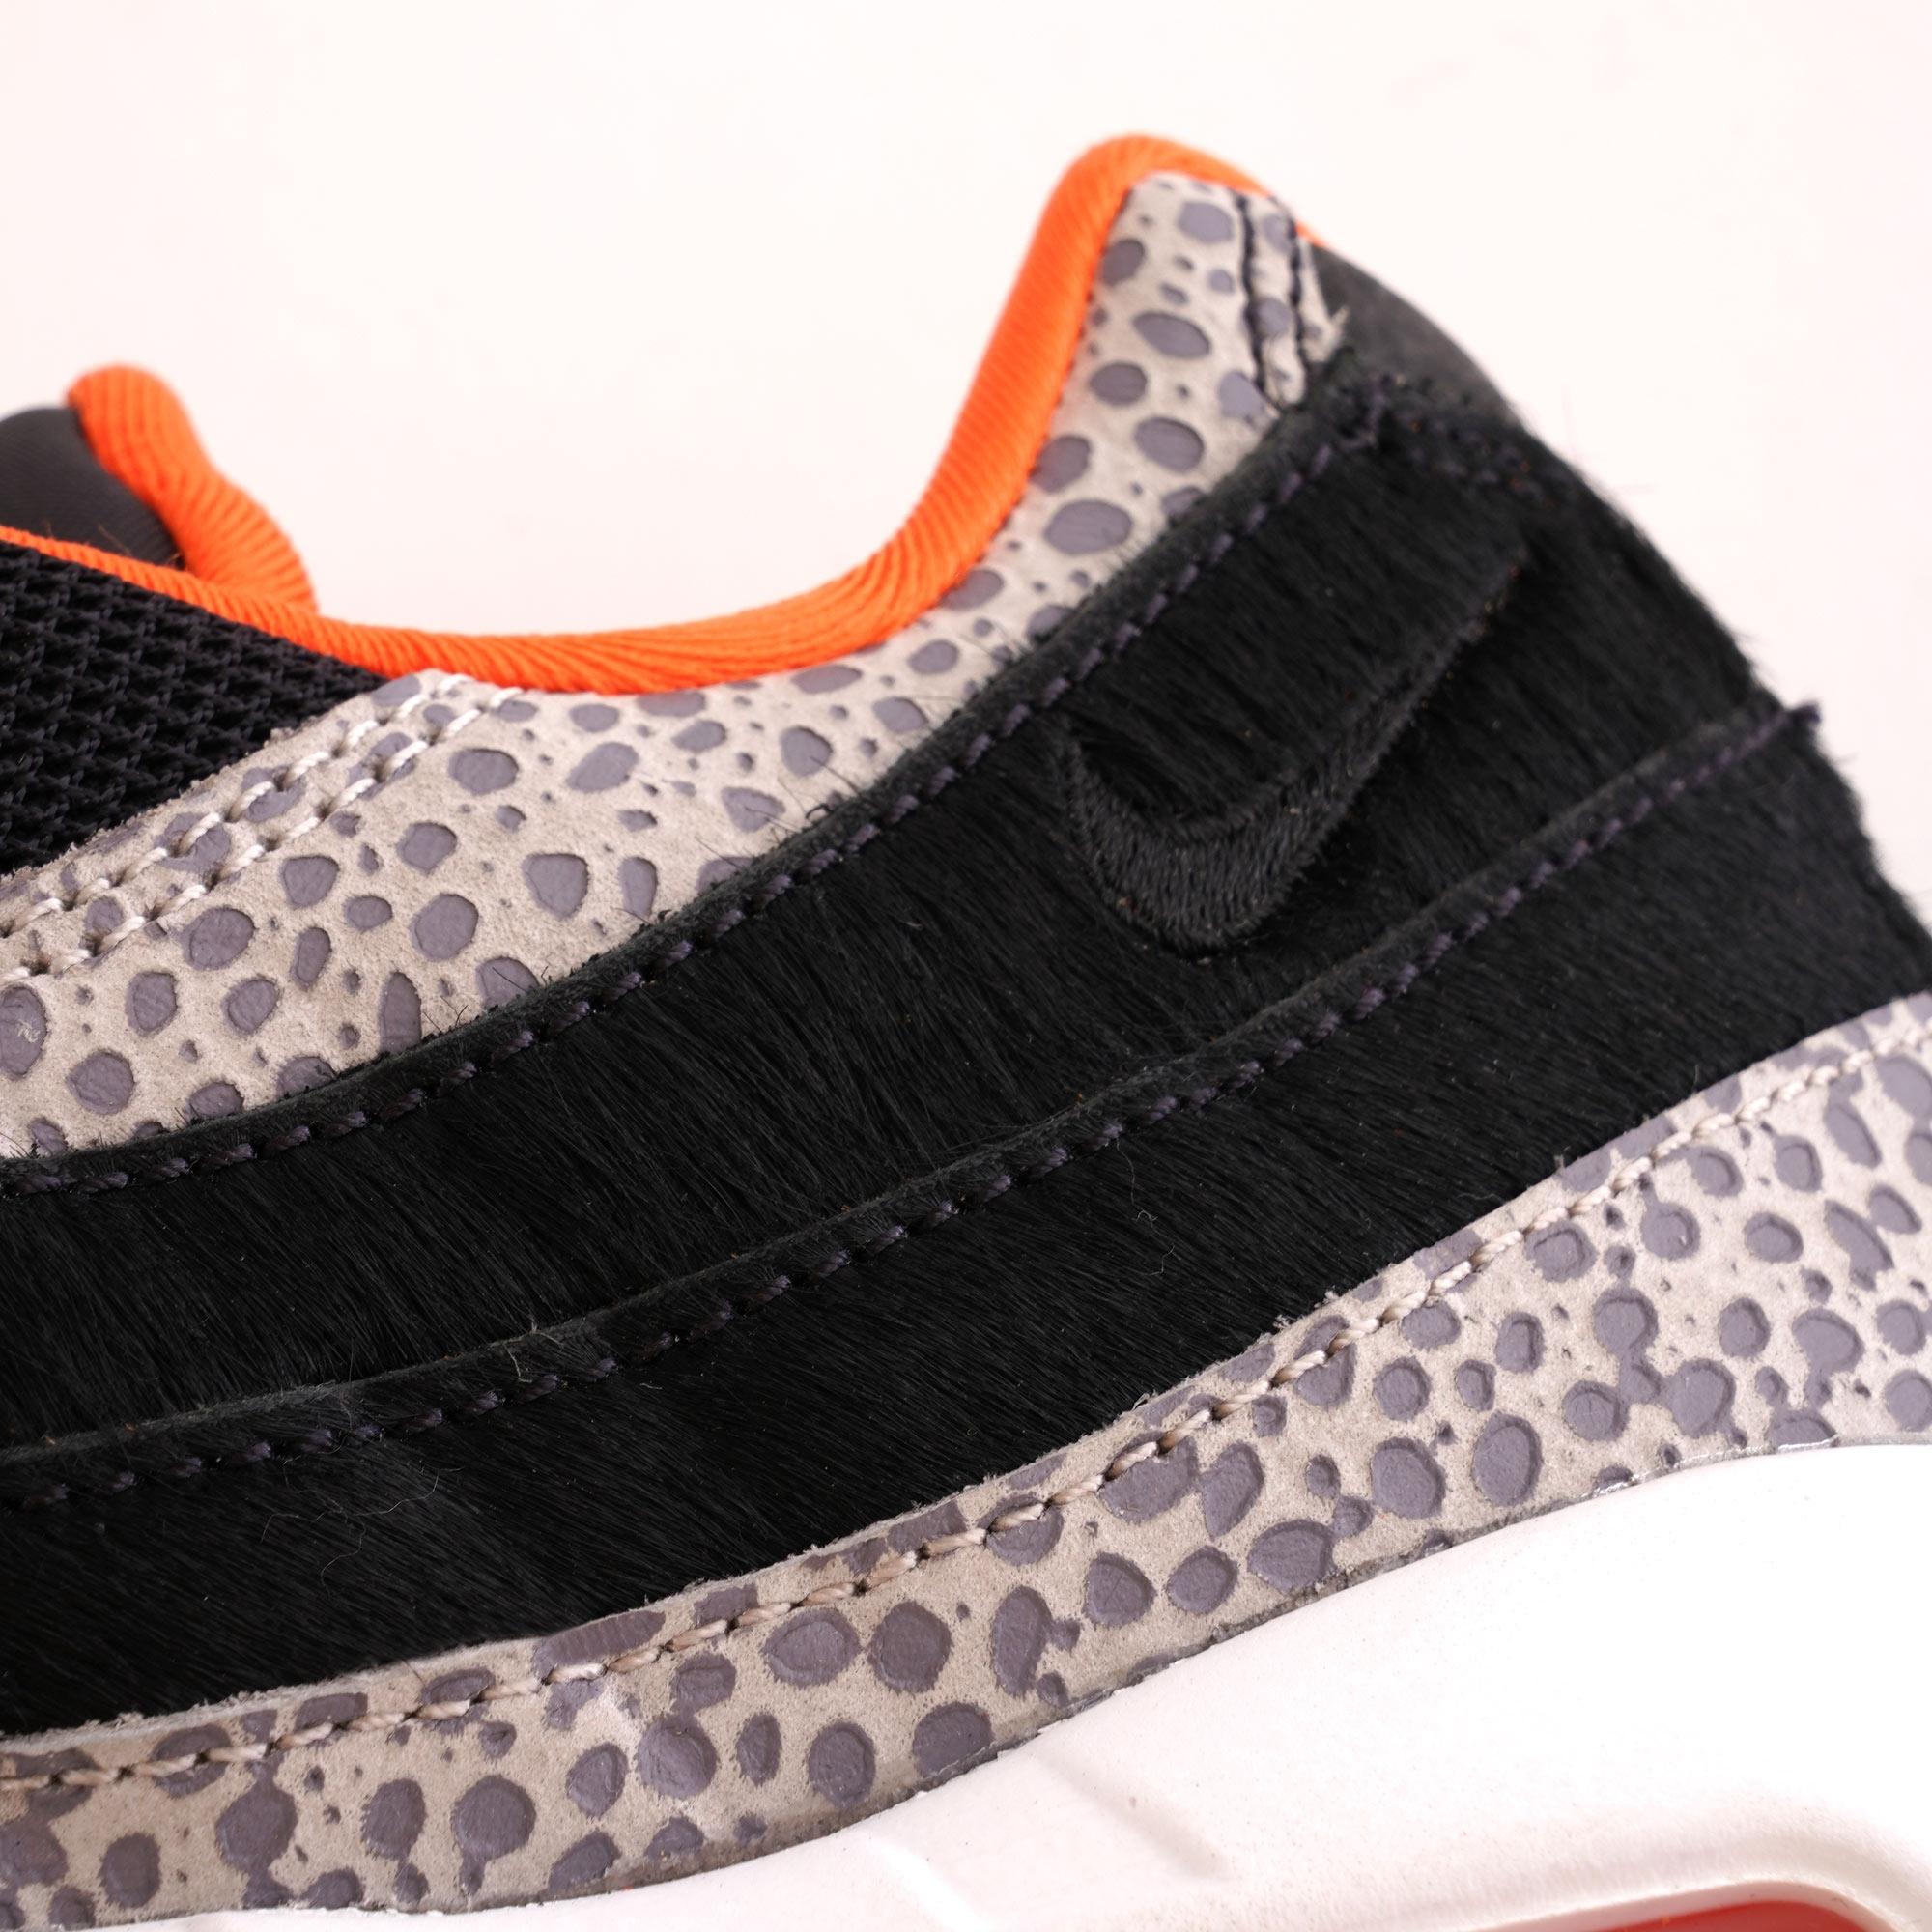 Nike Air Max 95 Black & Granite